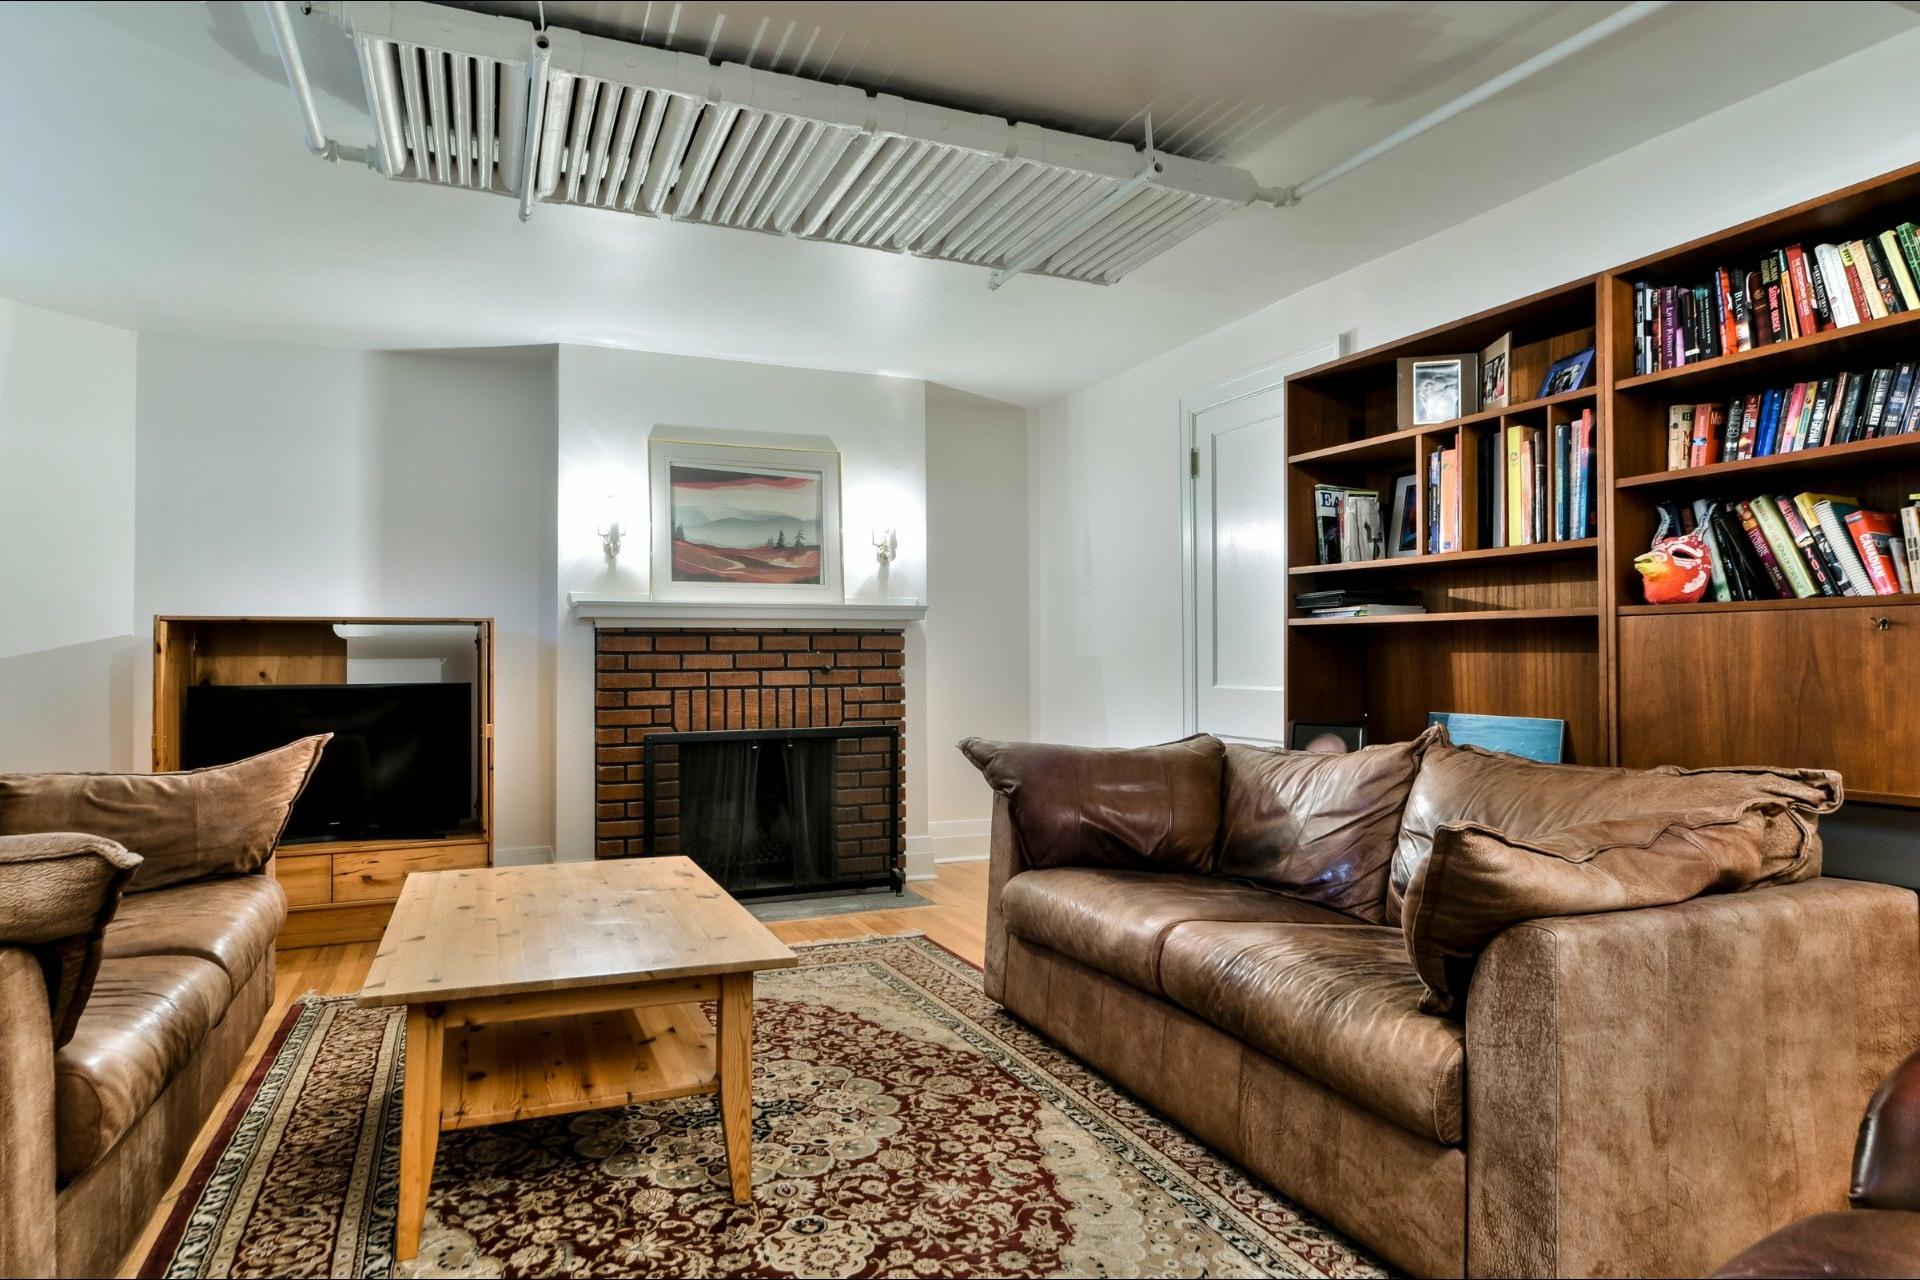 image 28 - House For sale Côte-des-Neiges/Notre-Dame-de-Grâce Montréal  - 13 rooms